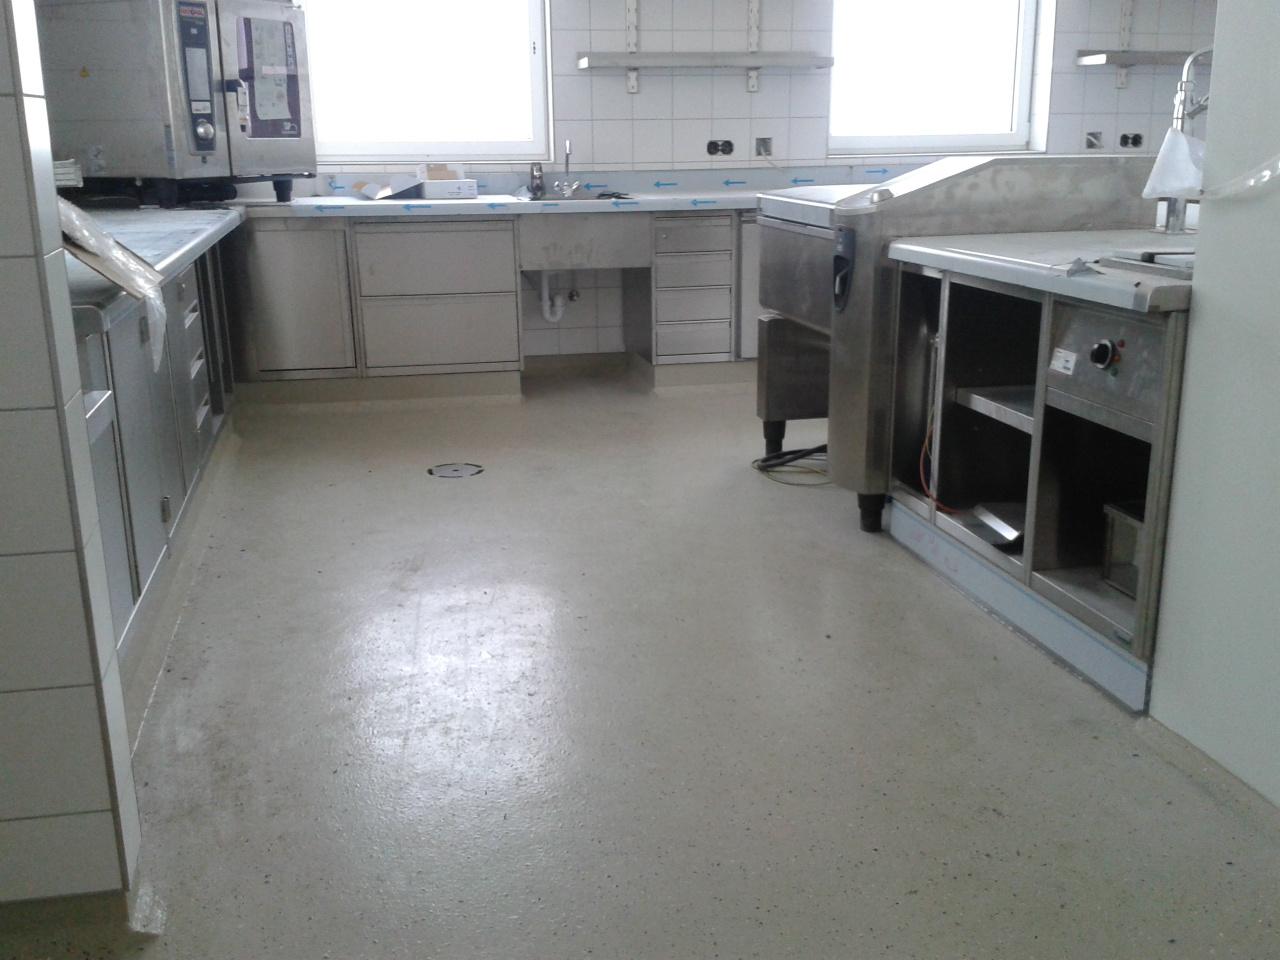 Full Size of Küche Boden Kchenboden Industriebodenat Klapptisch Erweitern Arbeitstisch Teppich Für Griffe Alno Bad Bodenfliesen Miniküche Mit Kühlschrank Aufbewahrung Wohnzimmer Küche Boden